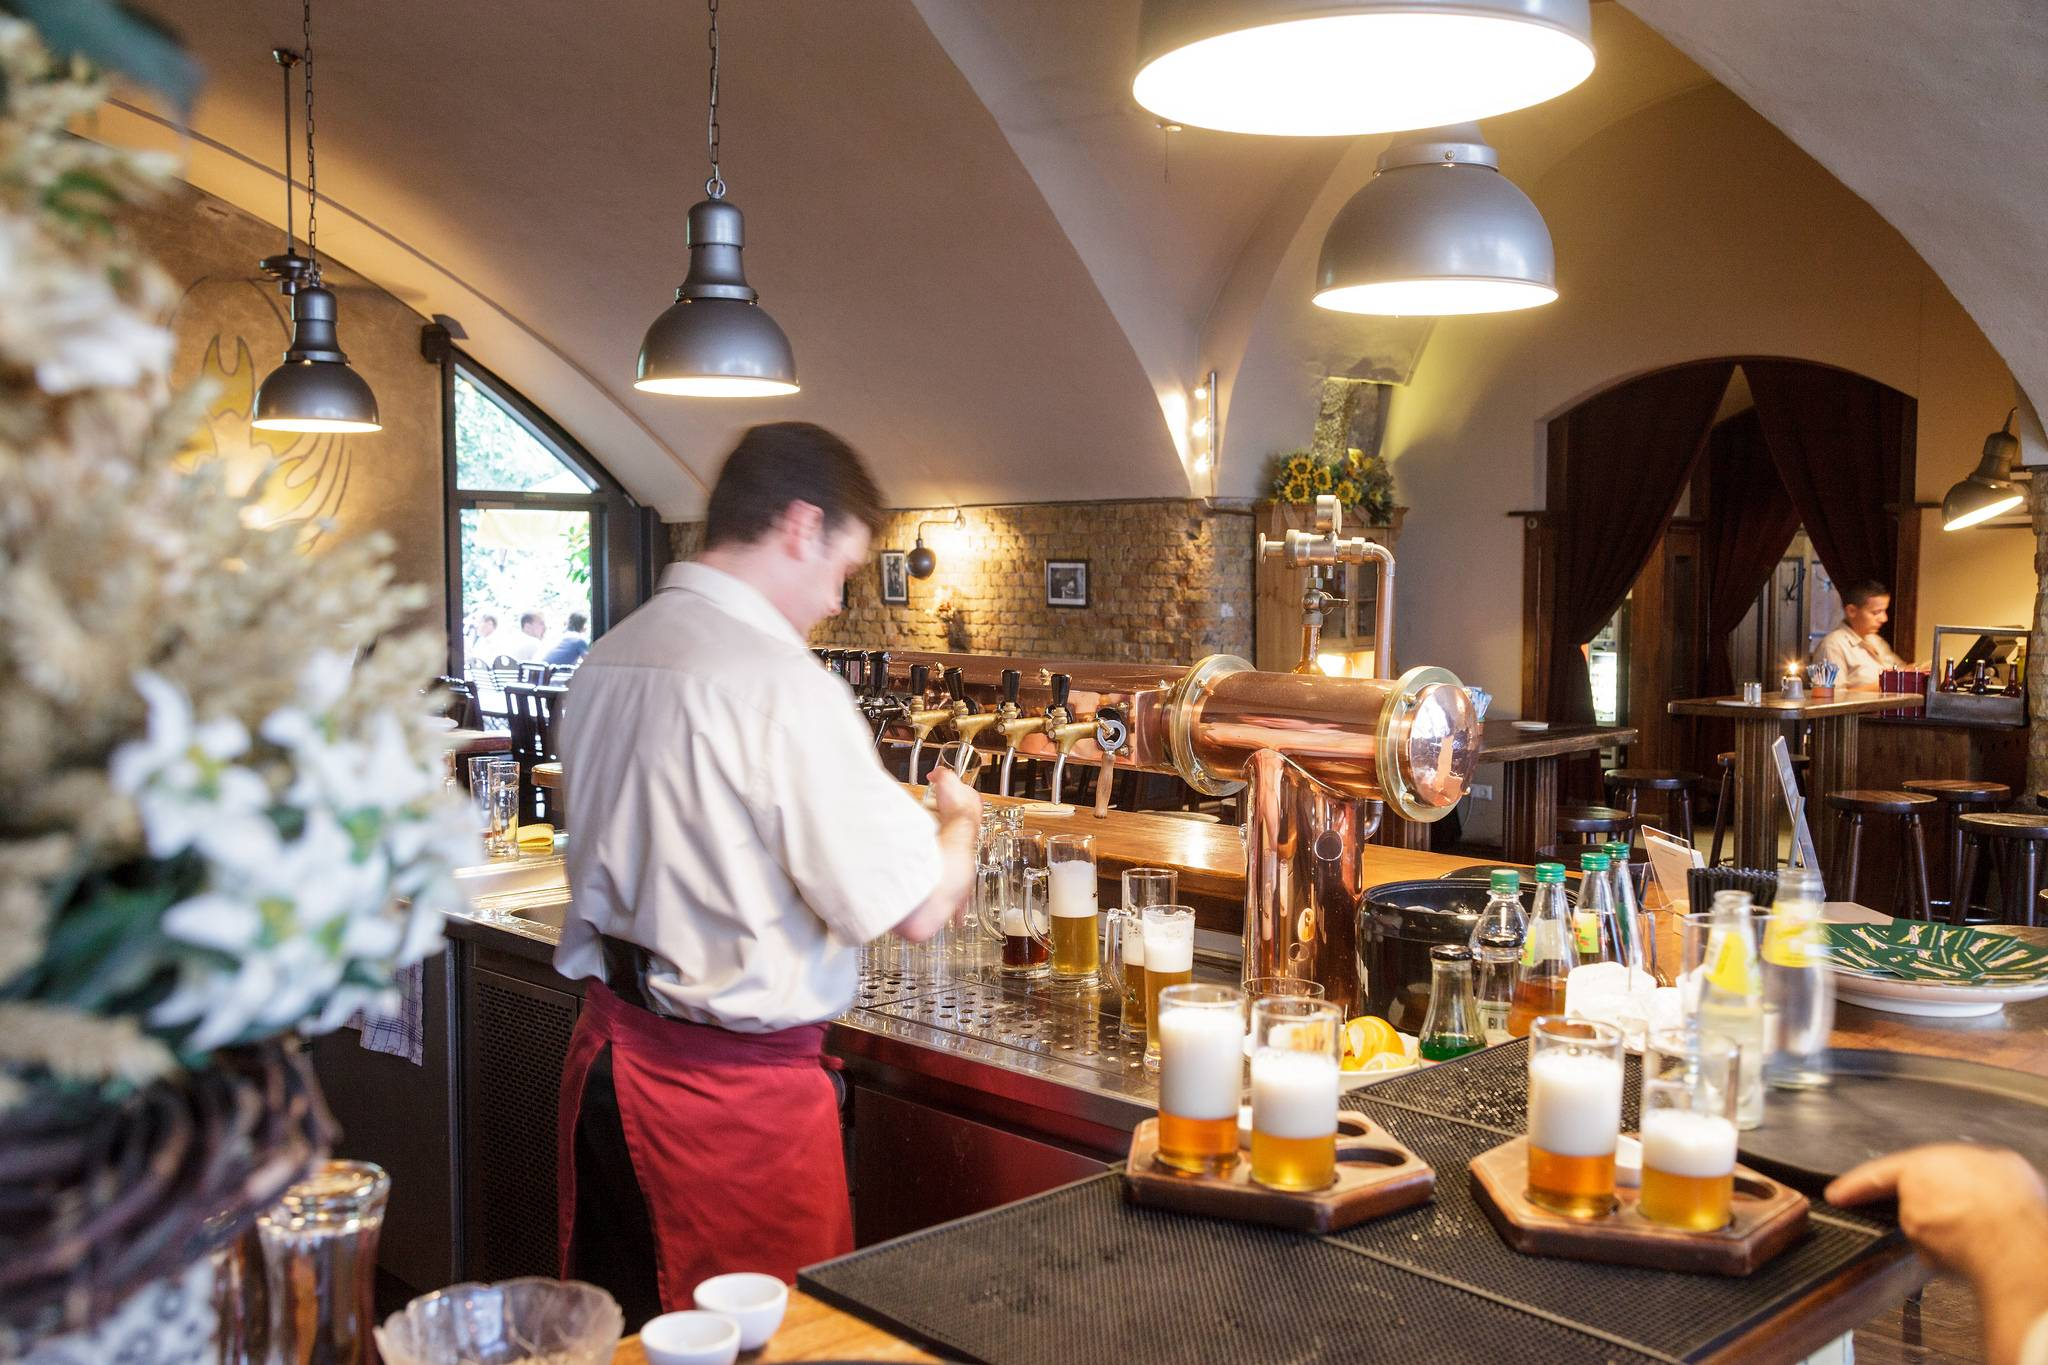 Рестораны и кафе берлина, германия - советы путешественникам